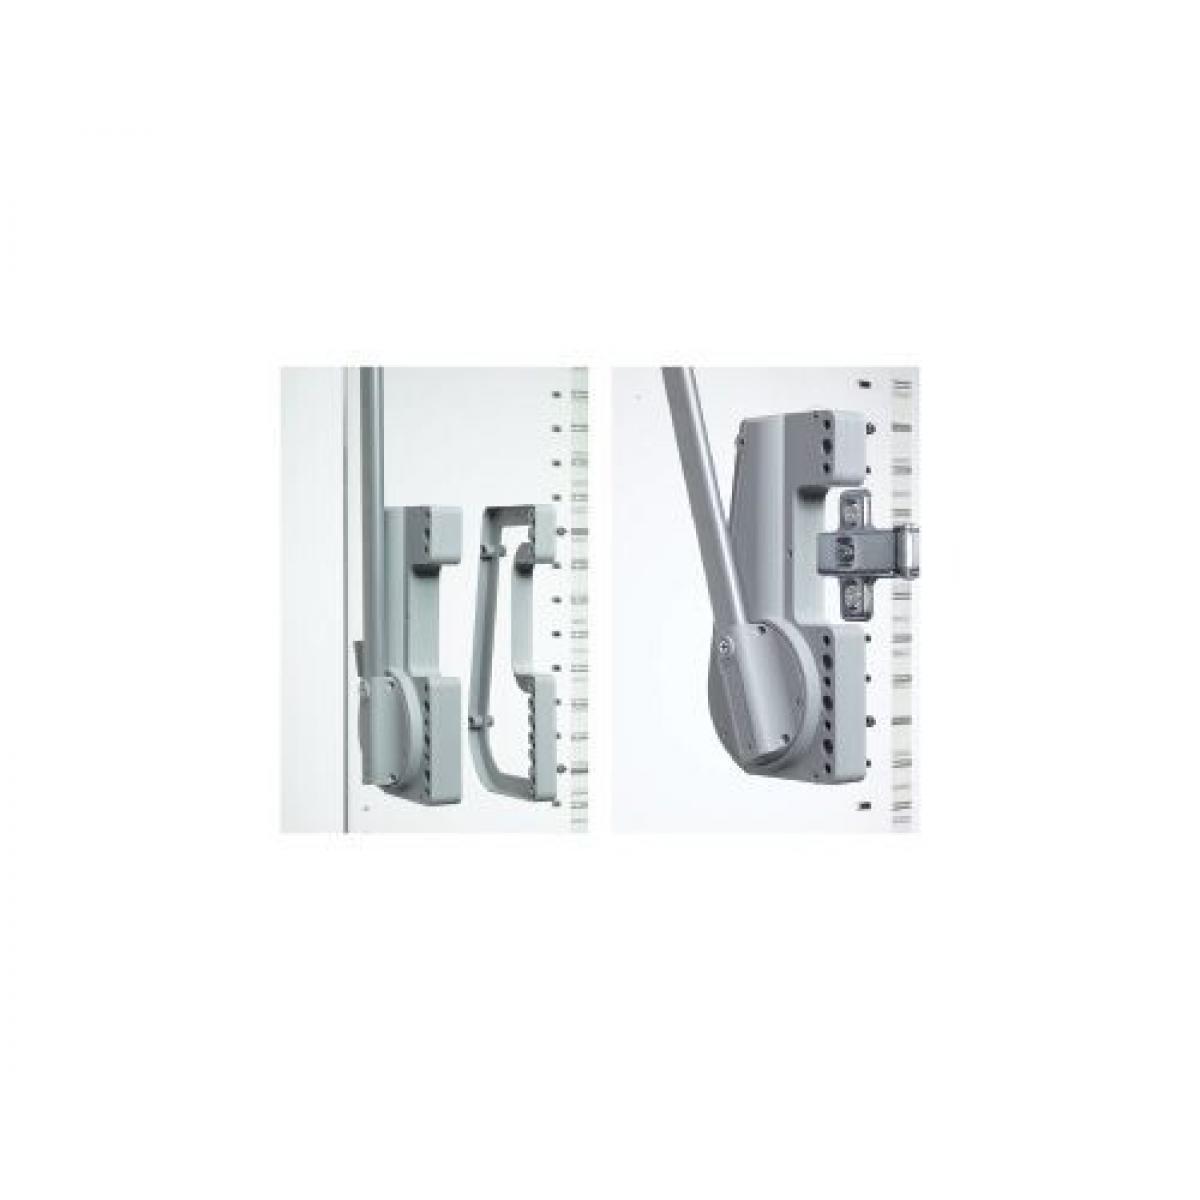 Накладка лифта  заужающая проем  701 цвет серый; Производитель: Ambos SRL ИТАЛИЯ